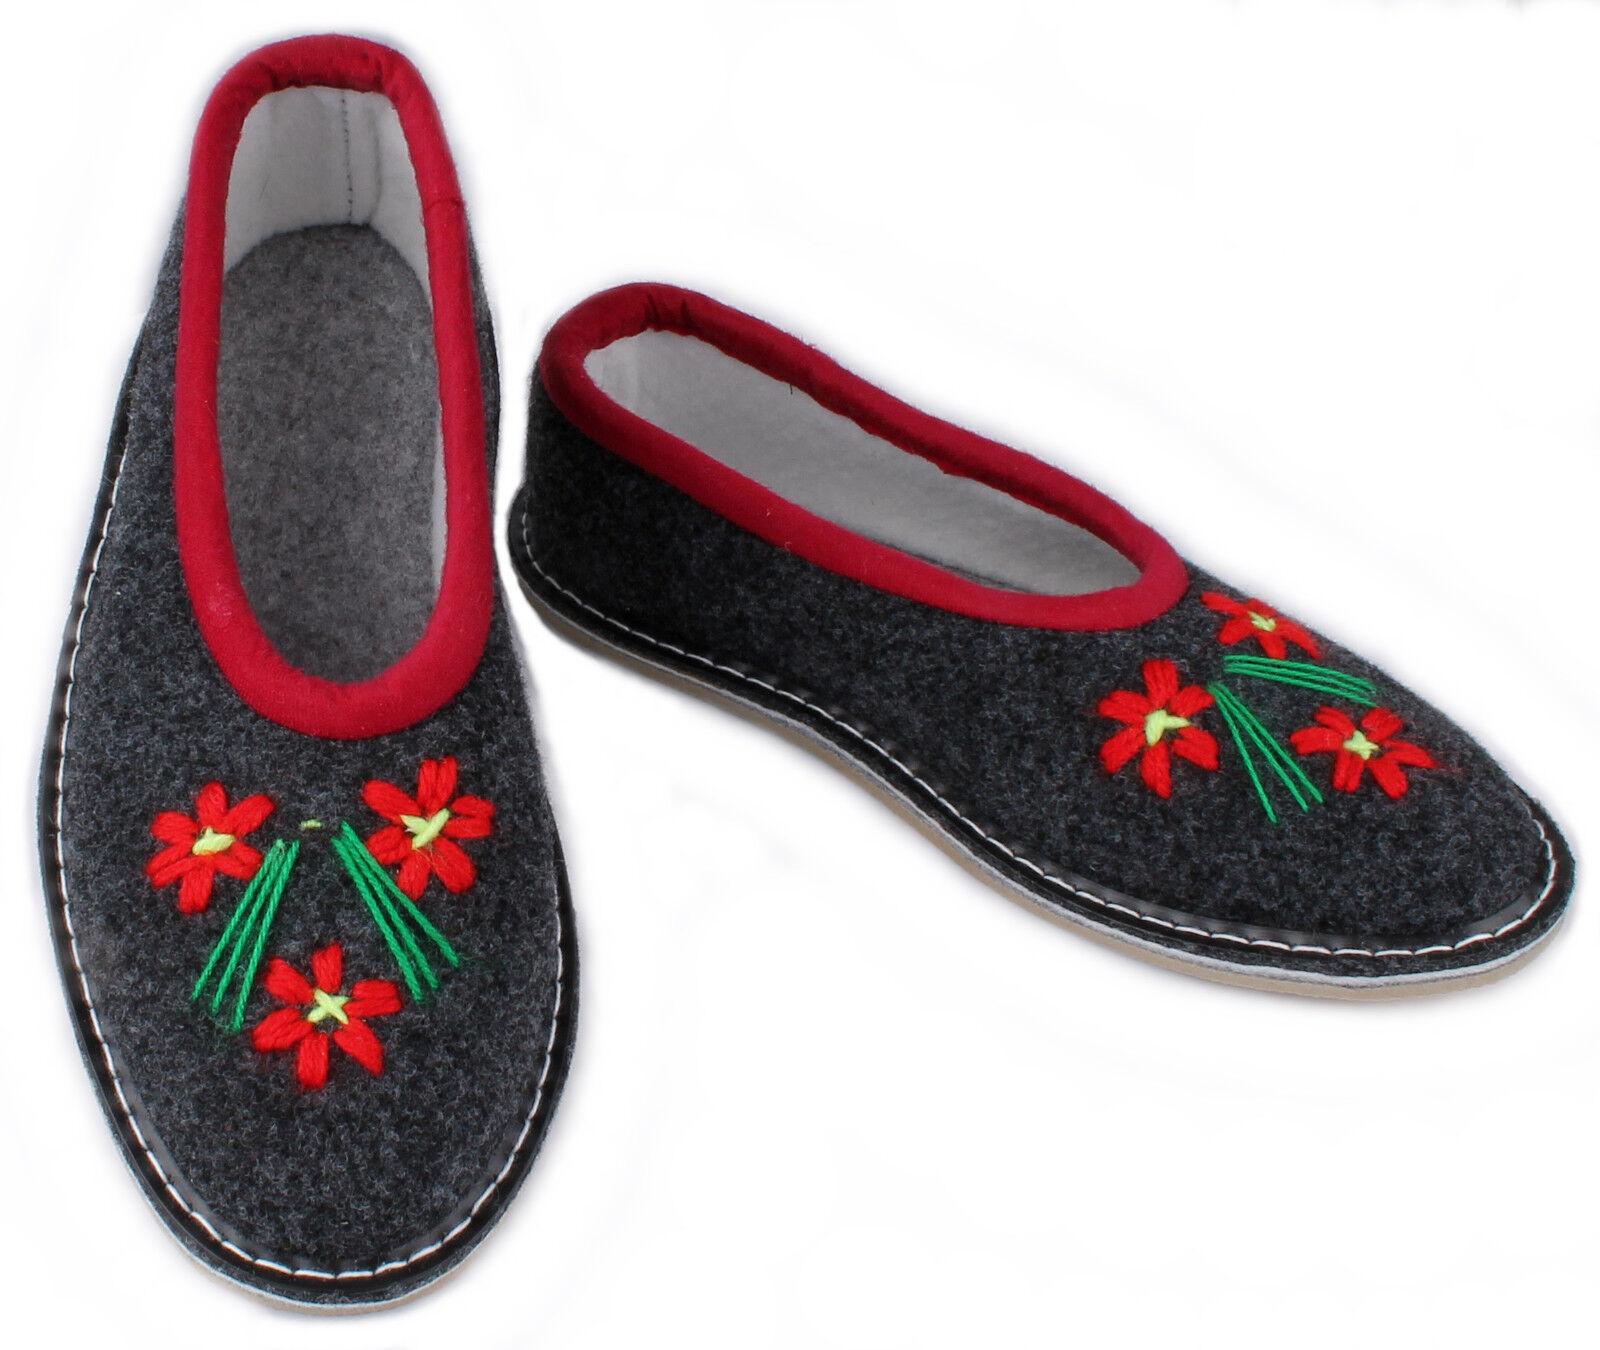 Damen FilzhausSchuhe Halbschuhe Blumen rot Pantoletten Pantoffeln 36 bis 41 NEU